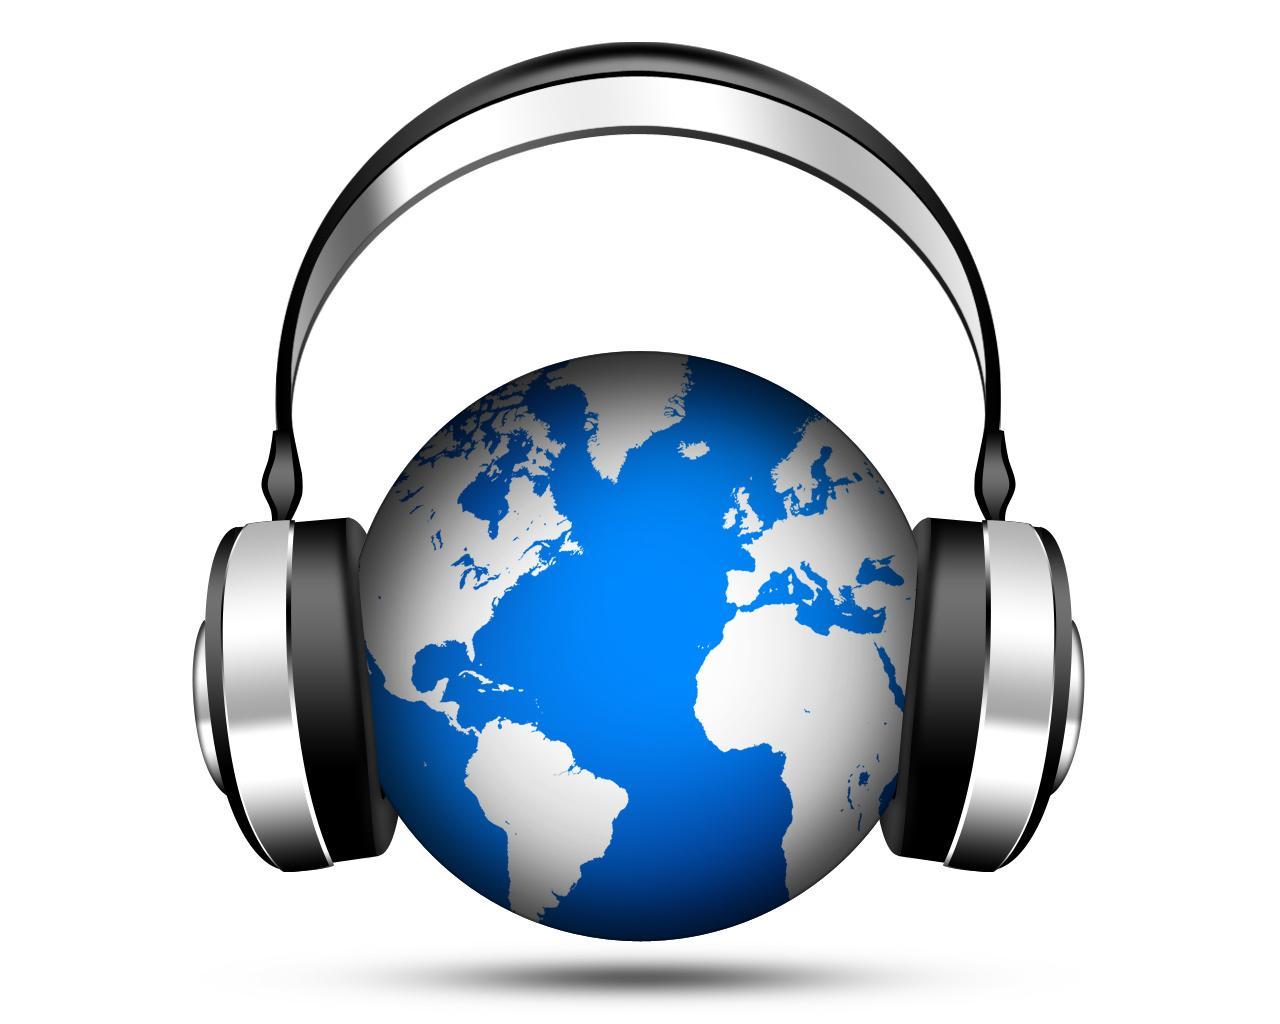 БИМ-радио Казань | Слушать радио онлайн 102.8 FM.